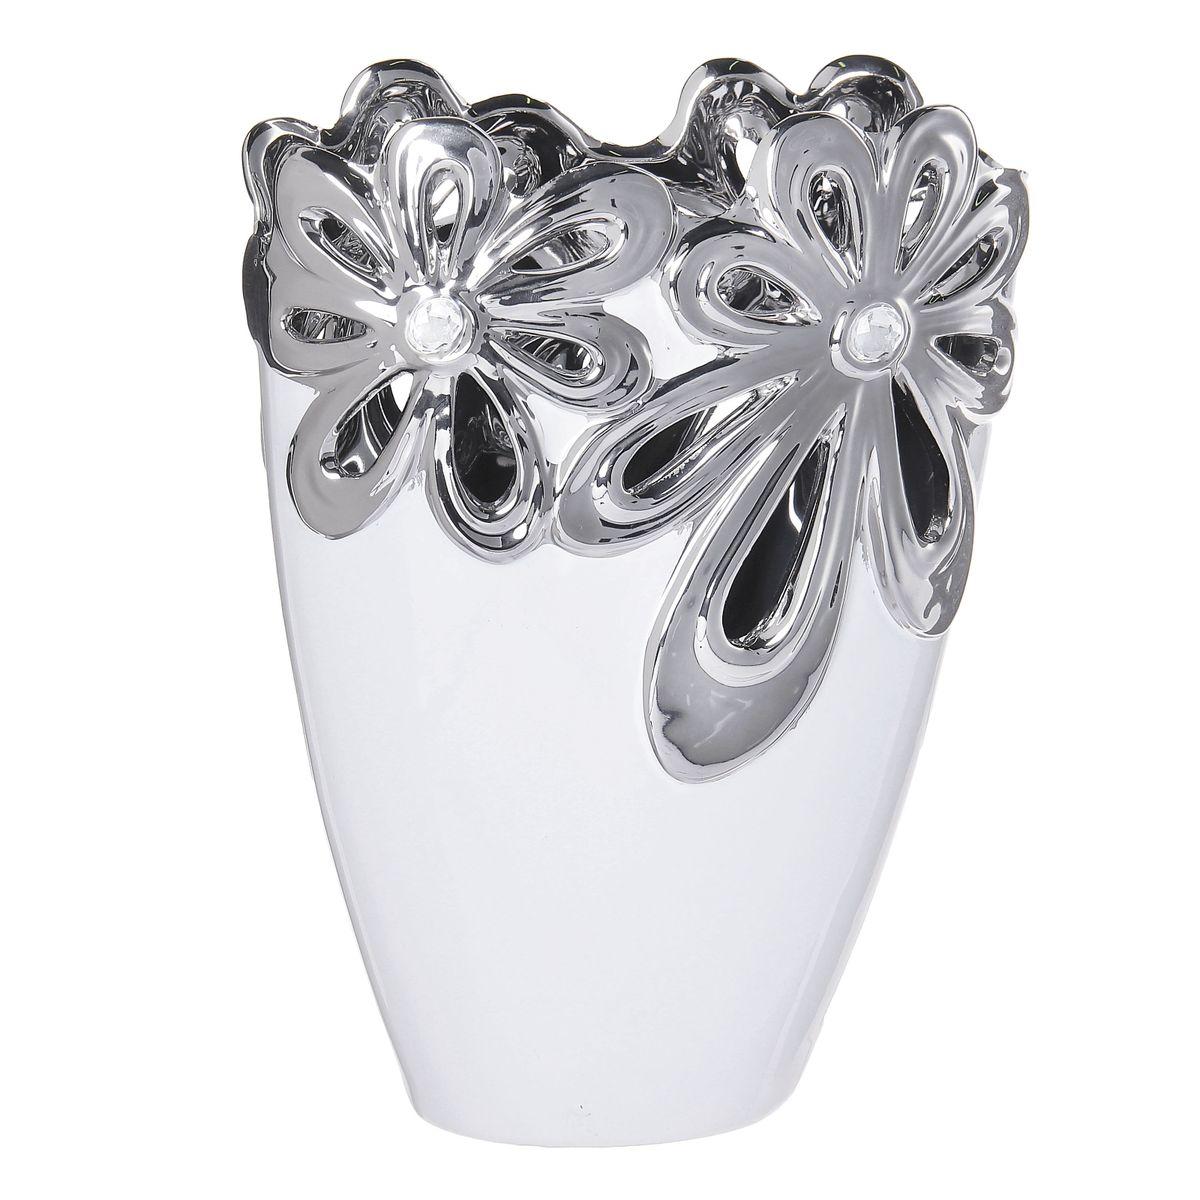 Ваза Sima-land Цветочная иллюзия, цвет: белый, высота 24,5 смFS-91909Ваза Sima-land Цветочная иллюзия, изготовленная из высококачественной керамики, оформлена объемнымиизображениями цветов и декорирована стразами. Дно изделия оснащено нескользящими накладками. Интереснаяформа и необычное оформление сделают эту вазу замечательным украшением интерьера. Она предназначенакак для живых, так и для искусственных цветов. Любое помещение выглядит незавершенным без правильно расположенных предметовинтерьера. Они помогают создать уют, расставить акценты, подчеркнуть достоинства или скрытьнедостатки.